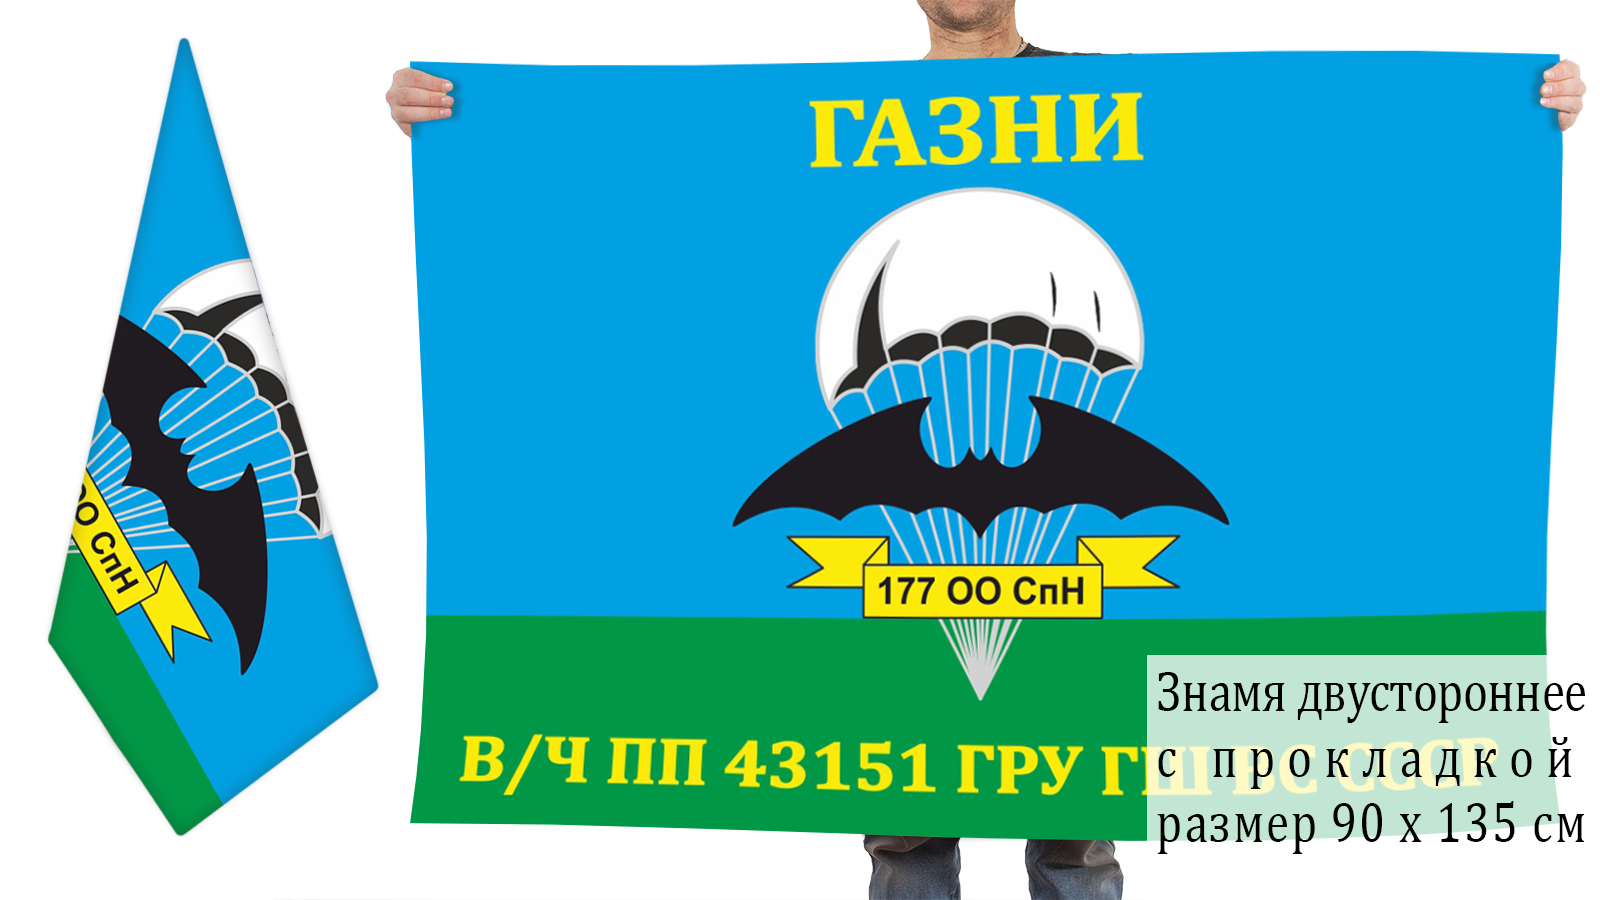 Двусторонний флаг 177 ООСпН ГРУ ГШ ВС СССР